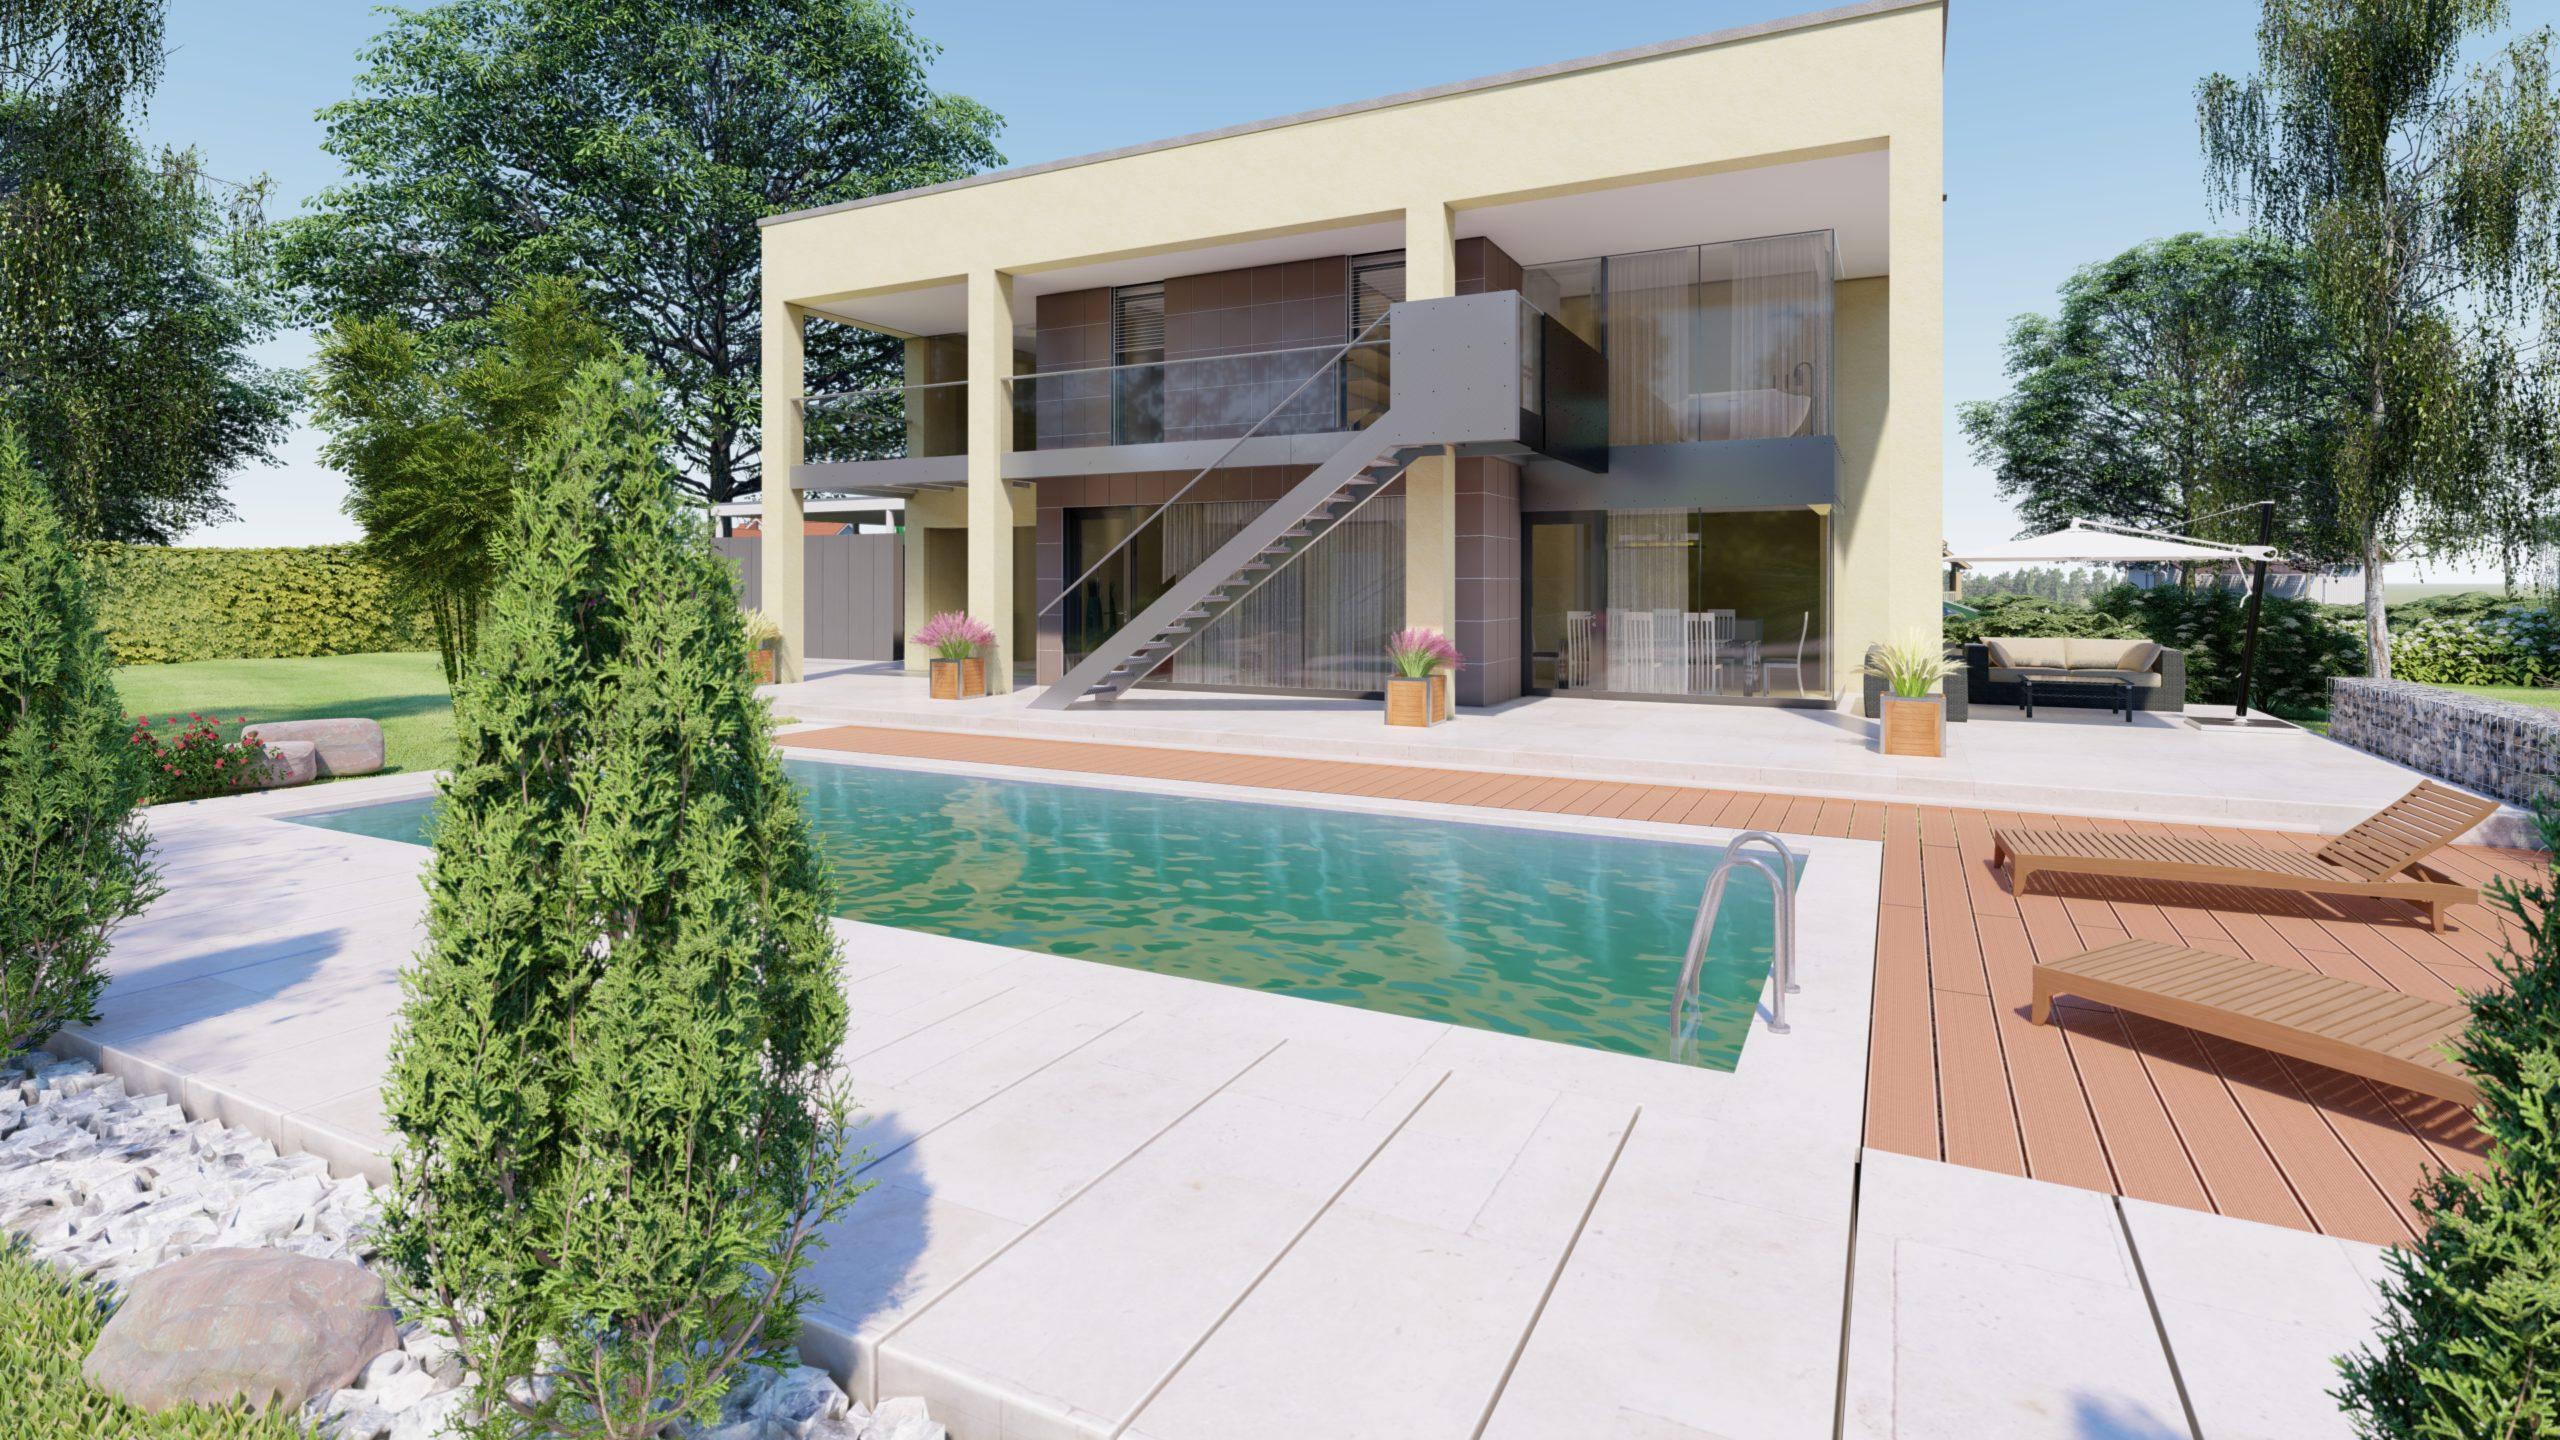 Haus Wien Detailansicht mit Pool im Vordergrund